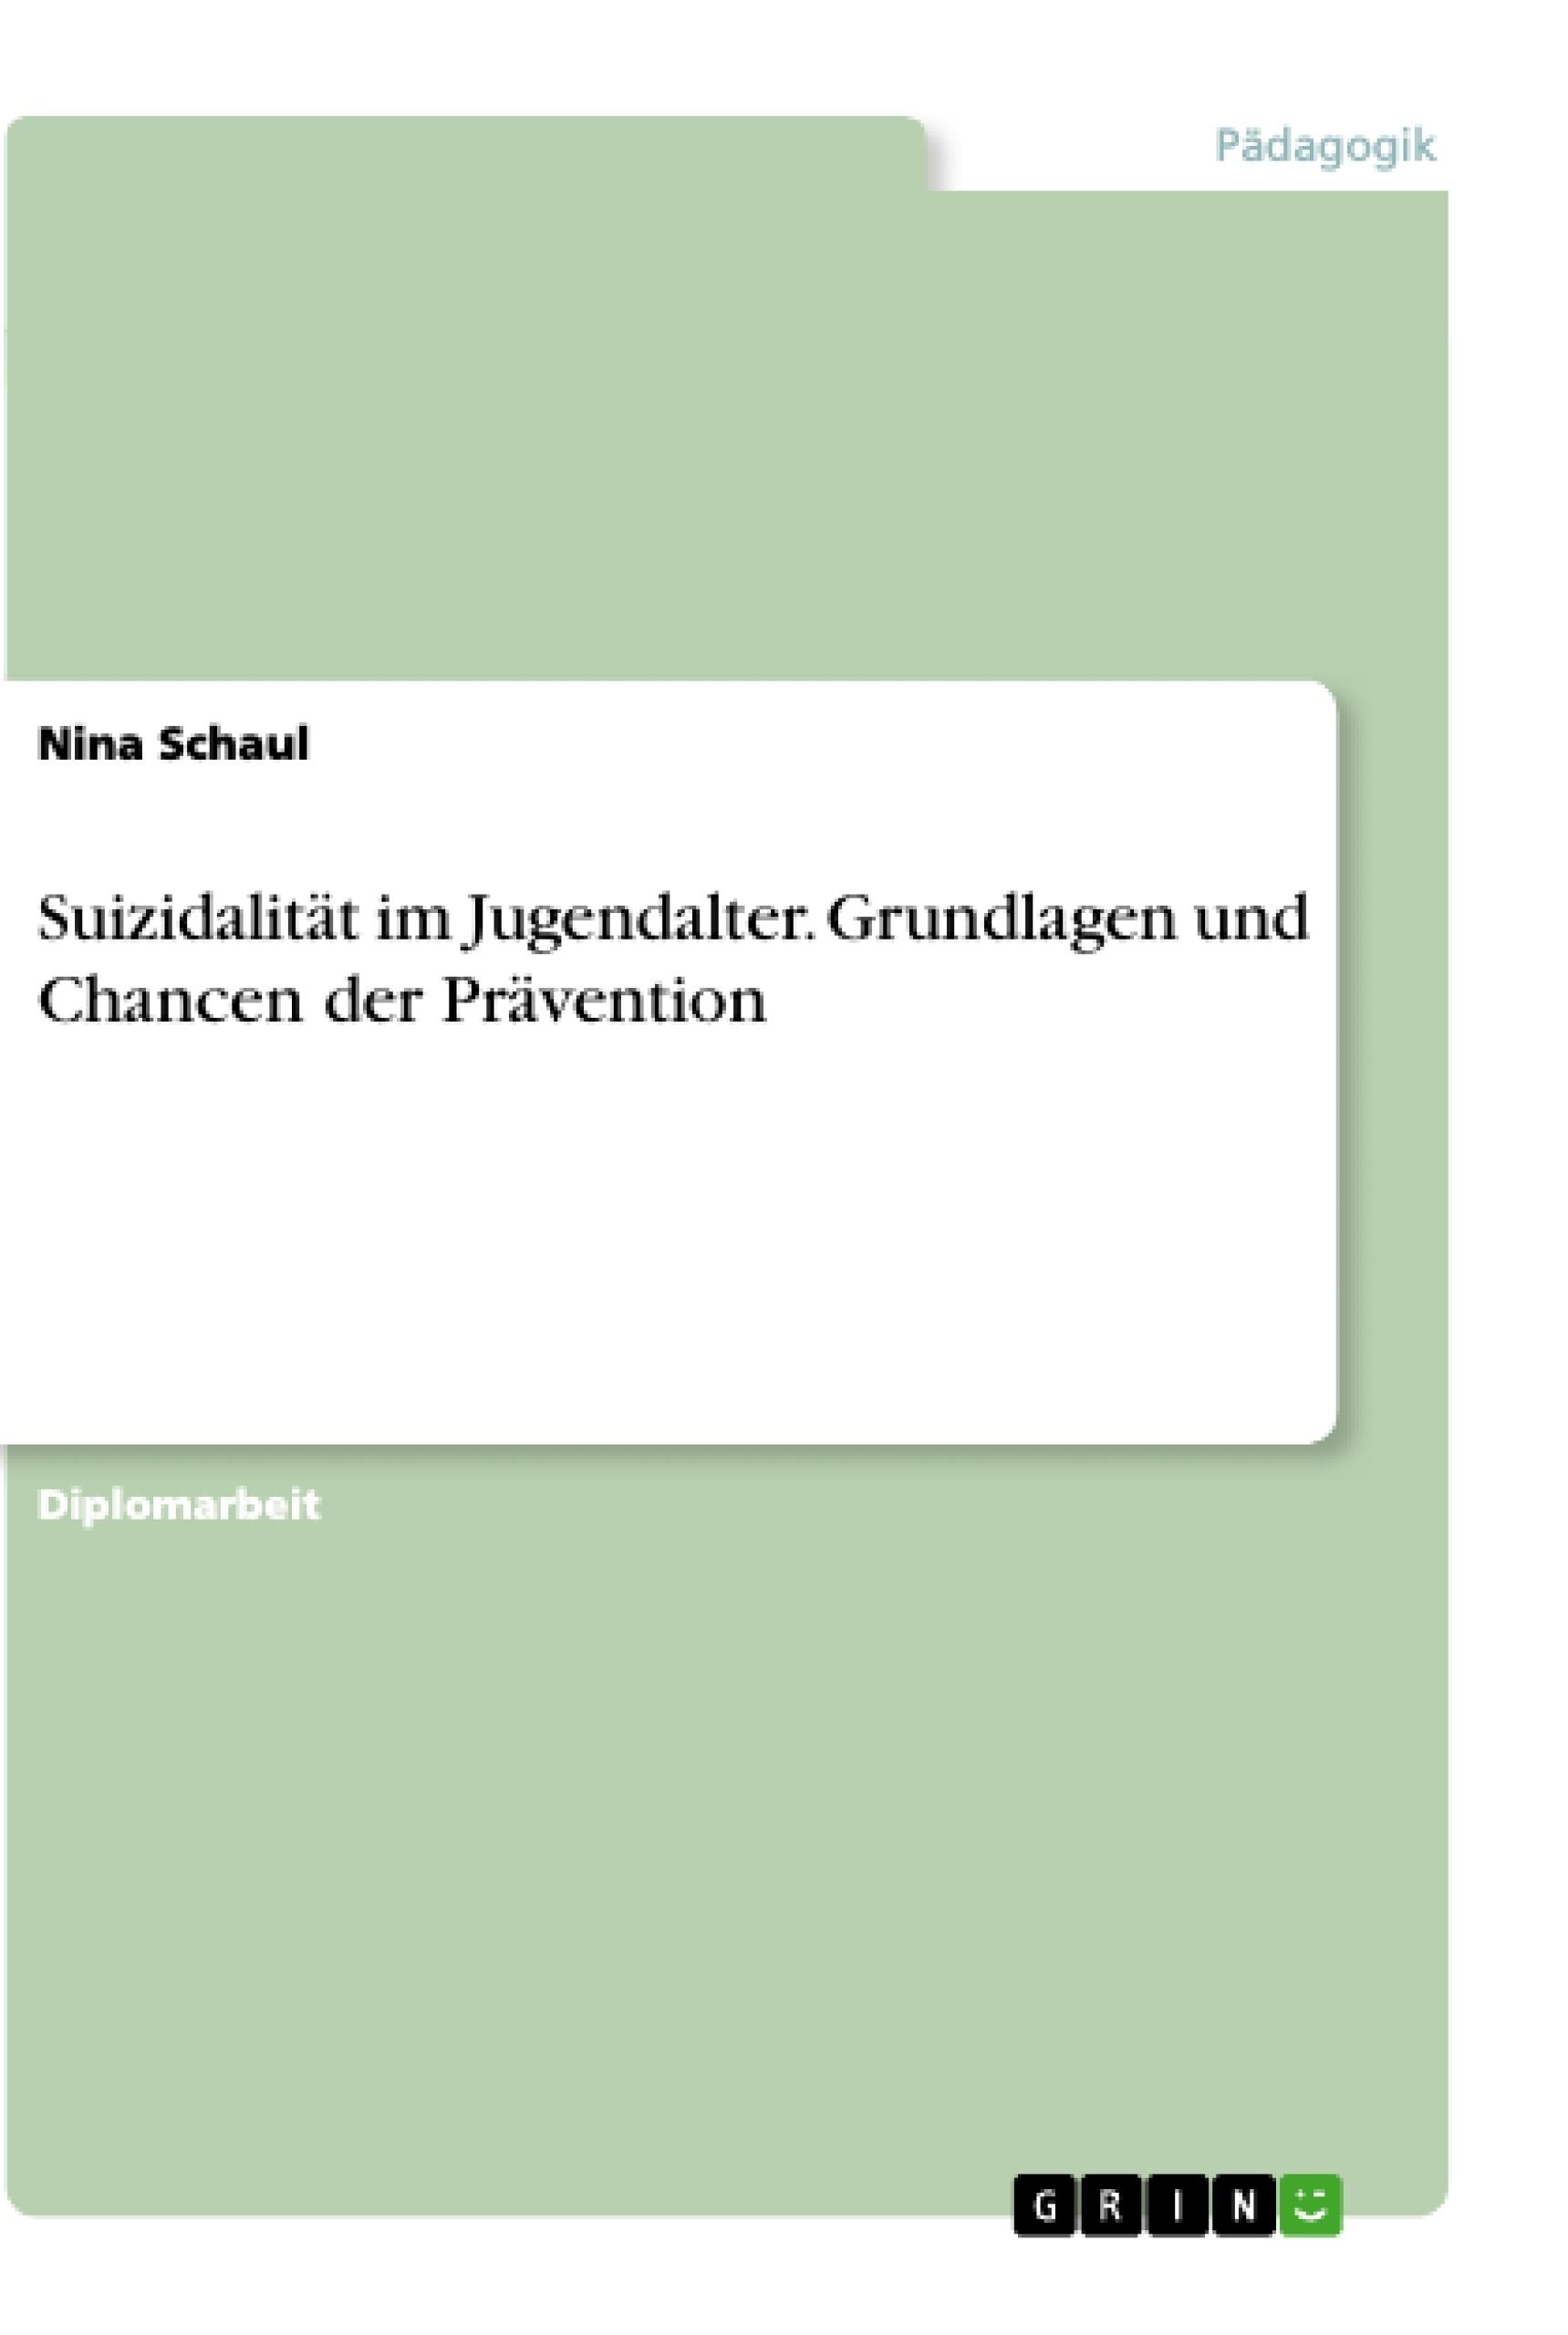 Titel: Suizidalität im Jugendalter. Grundlagen und Chancen der Prävention